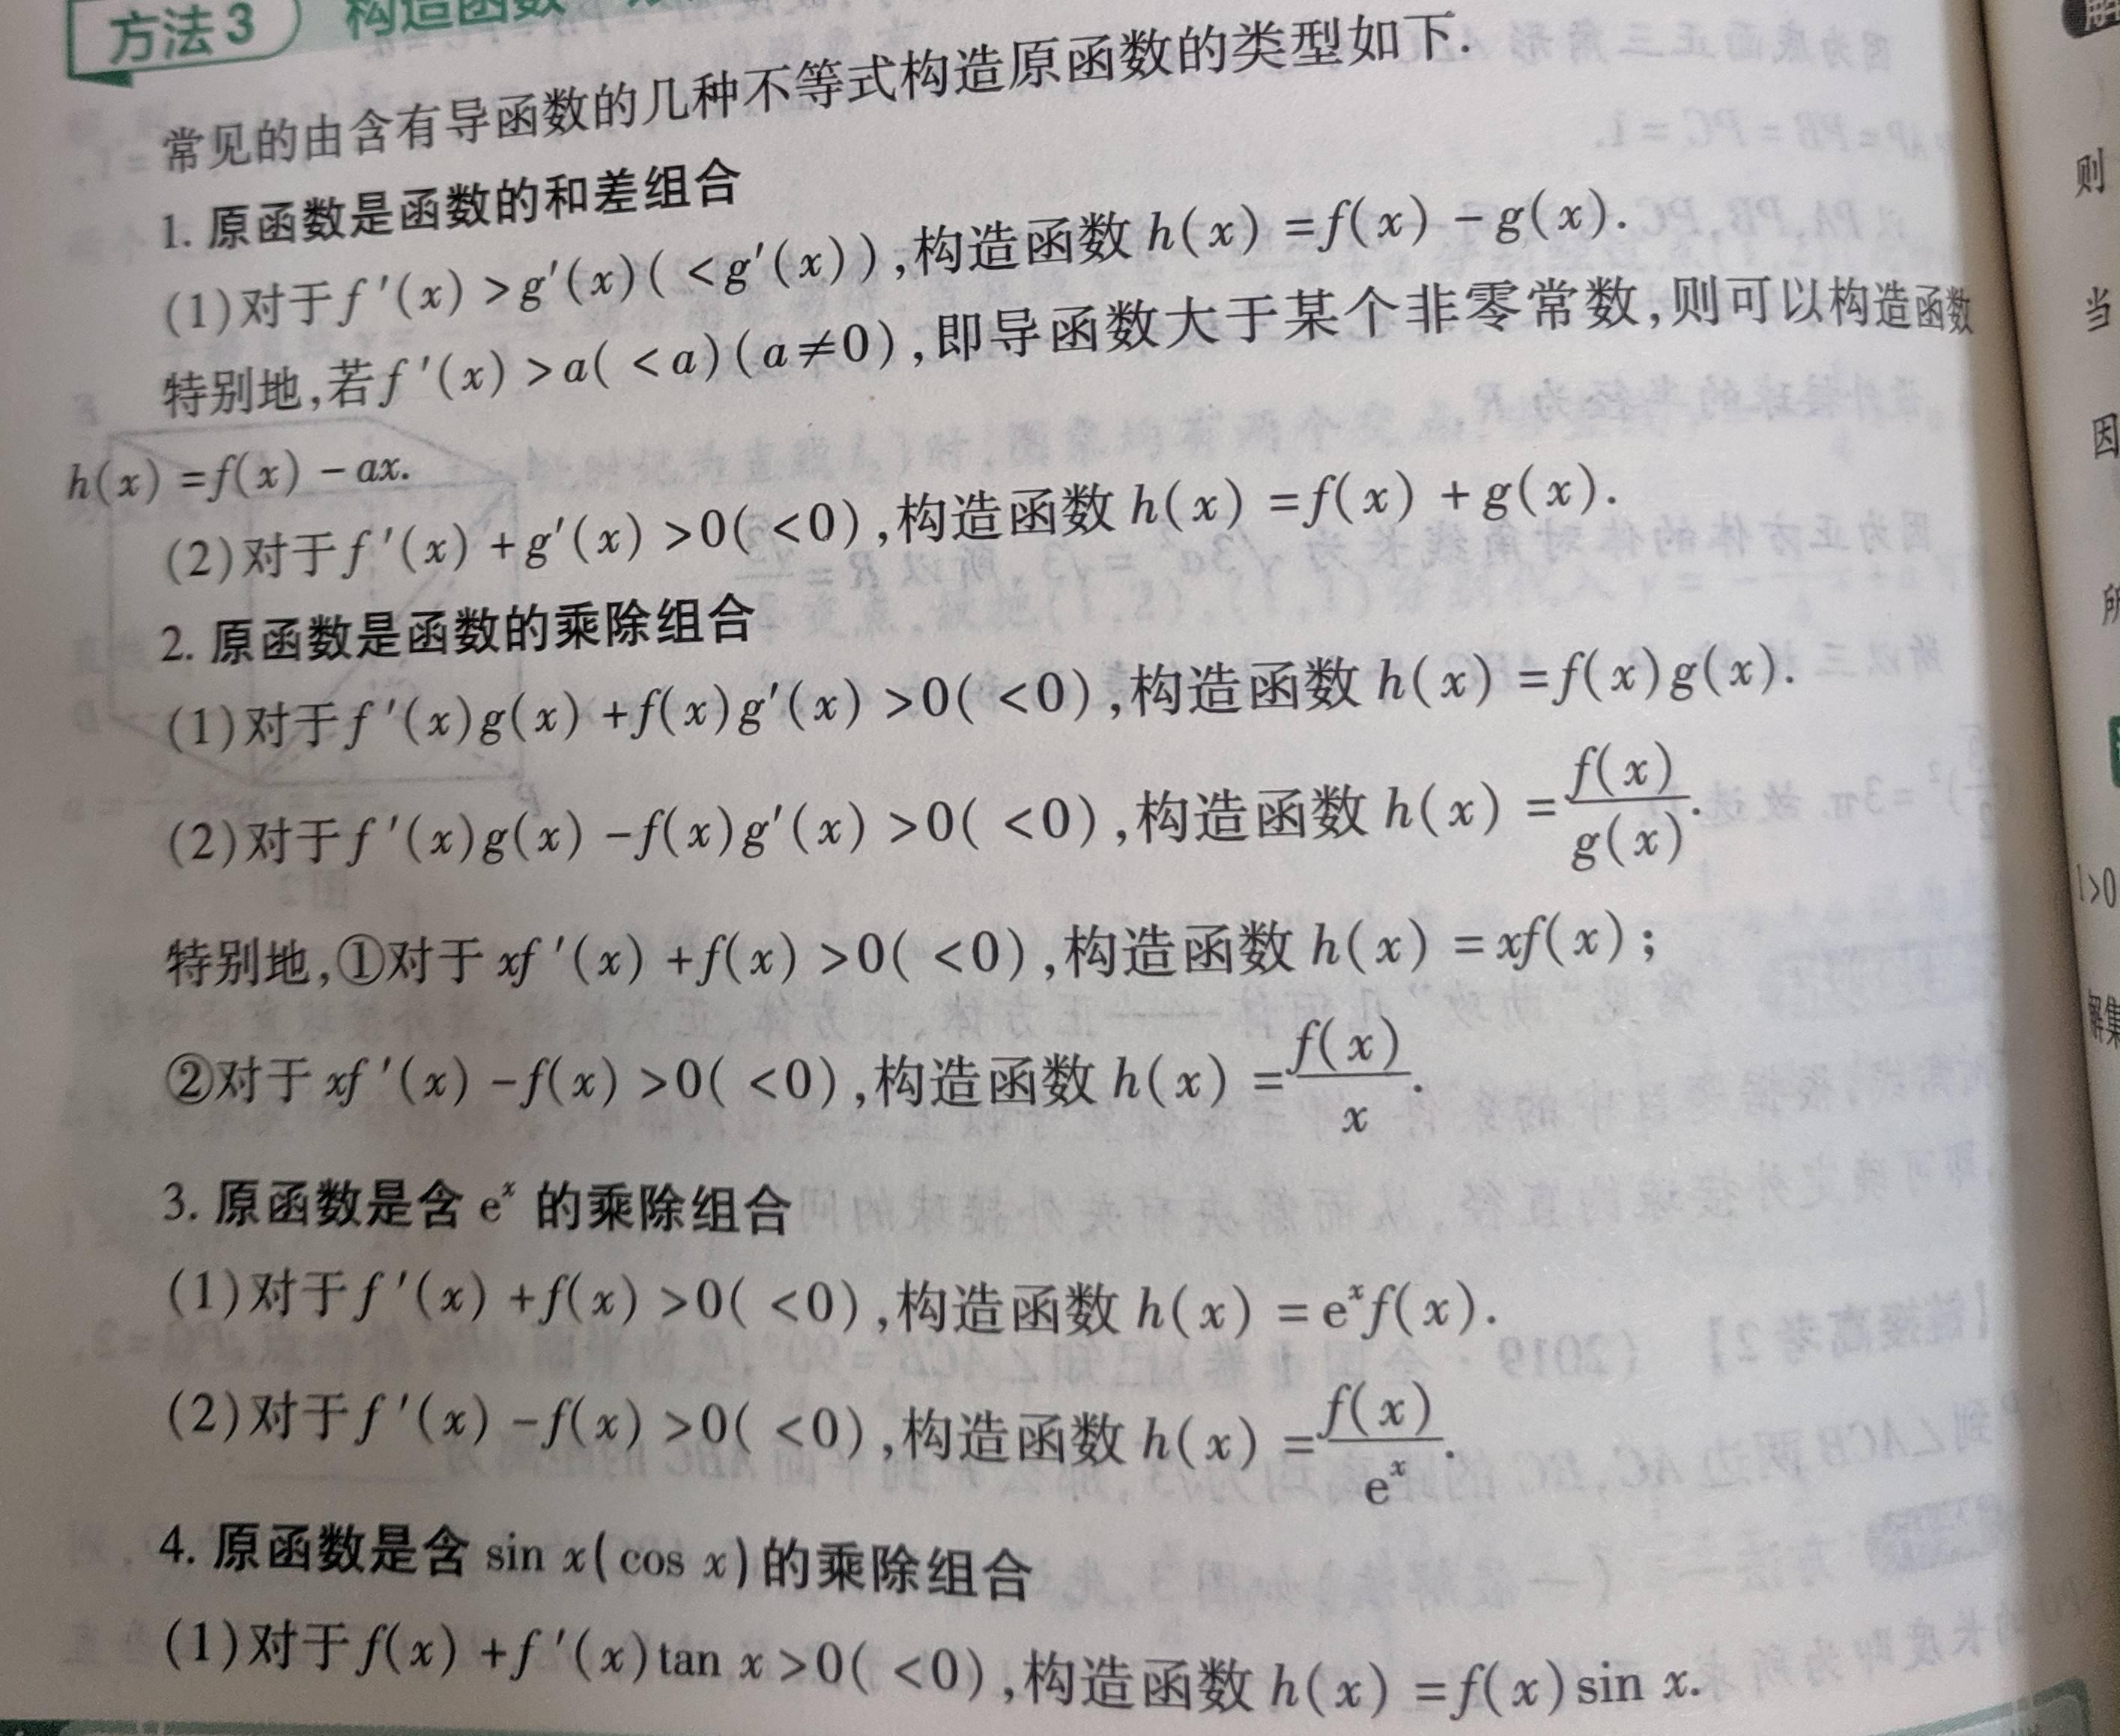 奇偶函数的加减乘除(快速判断函数奇偶性口诀)